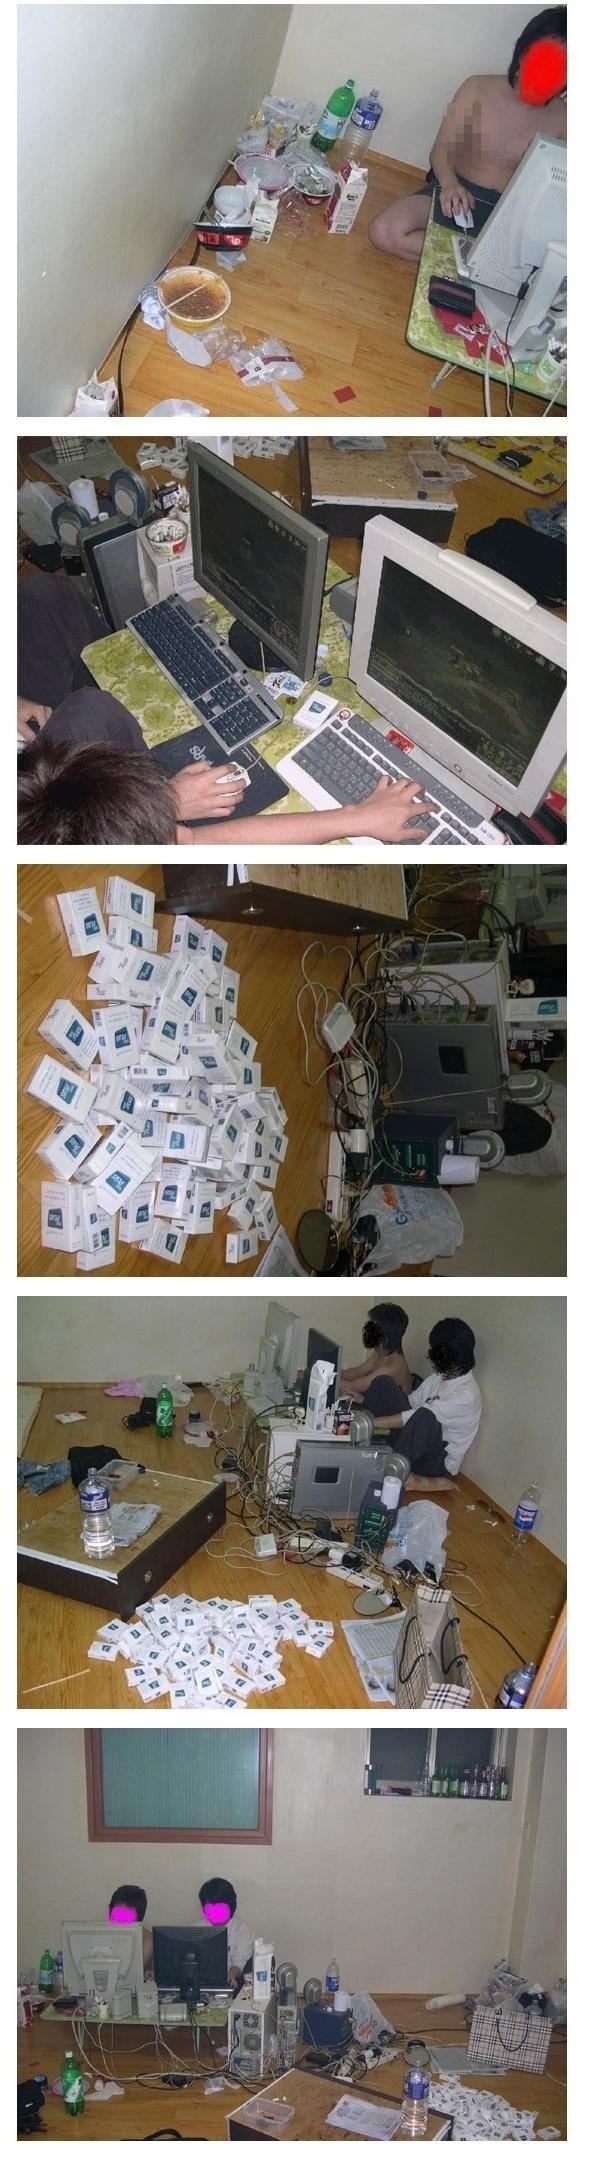 대출금리 gomindoll.com 비밀정보 대출금리 극비정보    ▶gomindoll.com 대출금리 ◀[대출금리 주소][대출금리 트위터주소][대출금리 비상주소][대출금리 접속방법 안내]   [대출금리 블로그][대출금리 사이트][대출금리 현재주소][대출금리 우회주소][대출금리 우회방법][대출금리 페이스북주소]  [대출금리 페북주소][대출금리 페이지주소]   [대출금리 우회접속 방법] ★대출금리